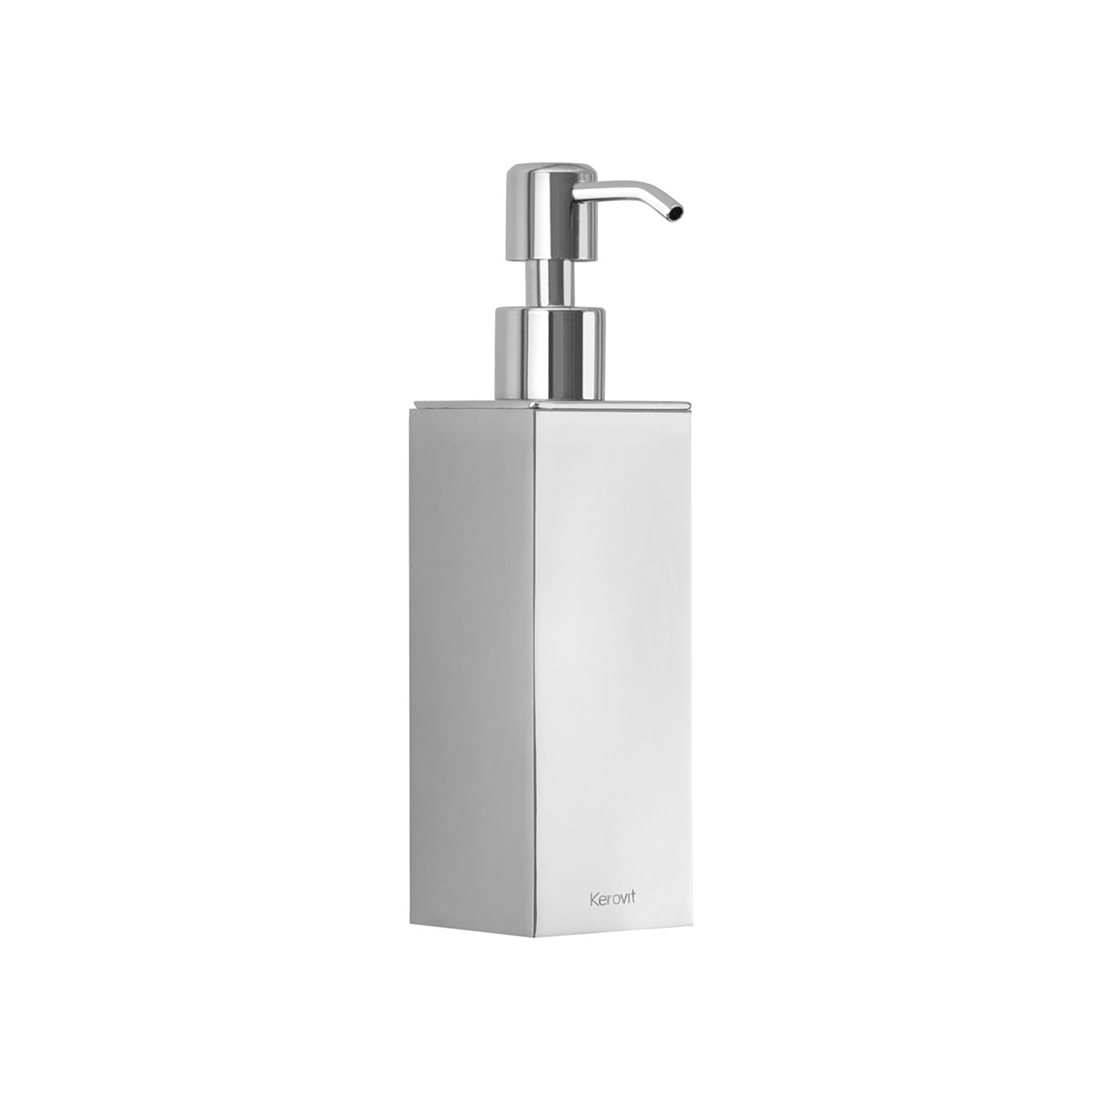 Kerovit KA990015 Square Range Soap Dispenser